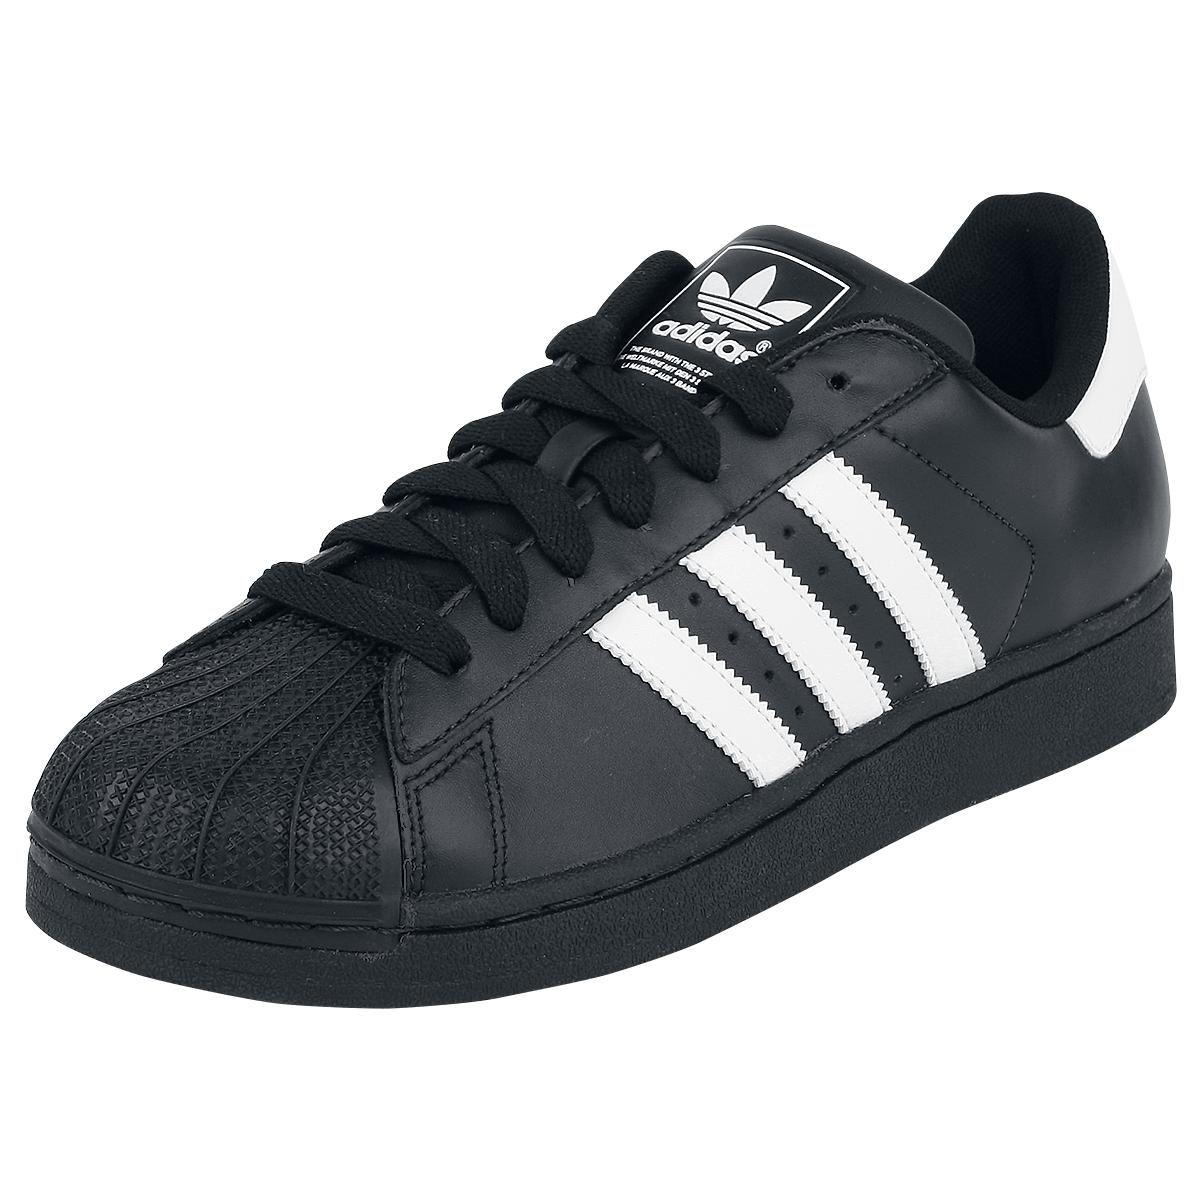 Superstar II | Zapatillas adidas superstar hombre, Zapatillas ...